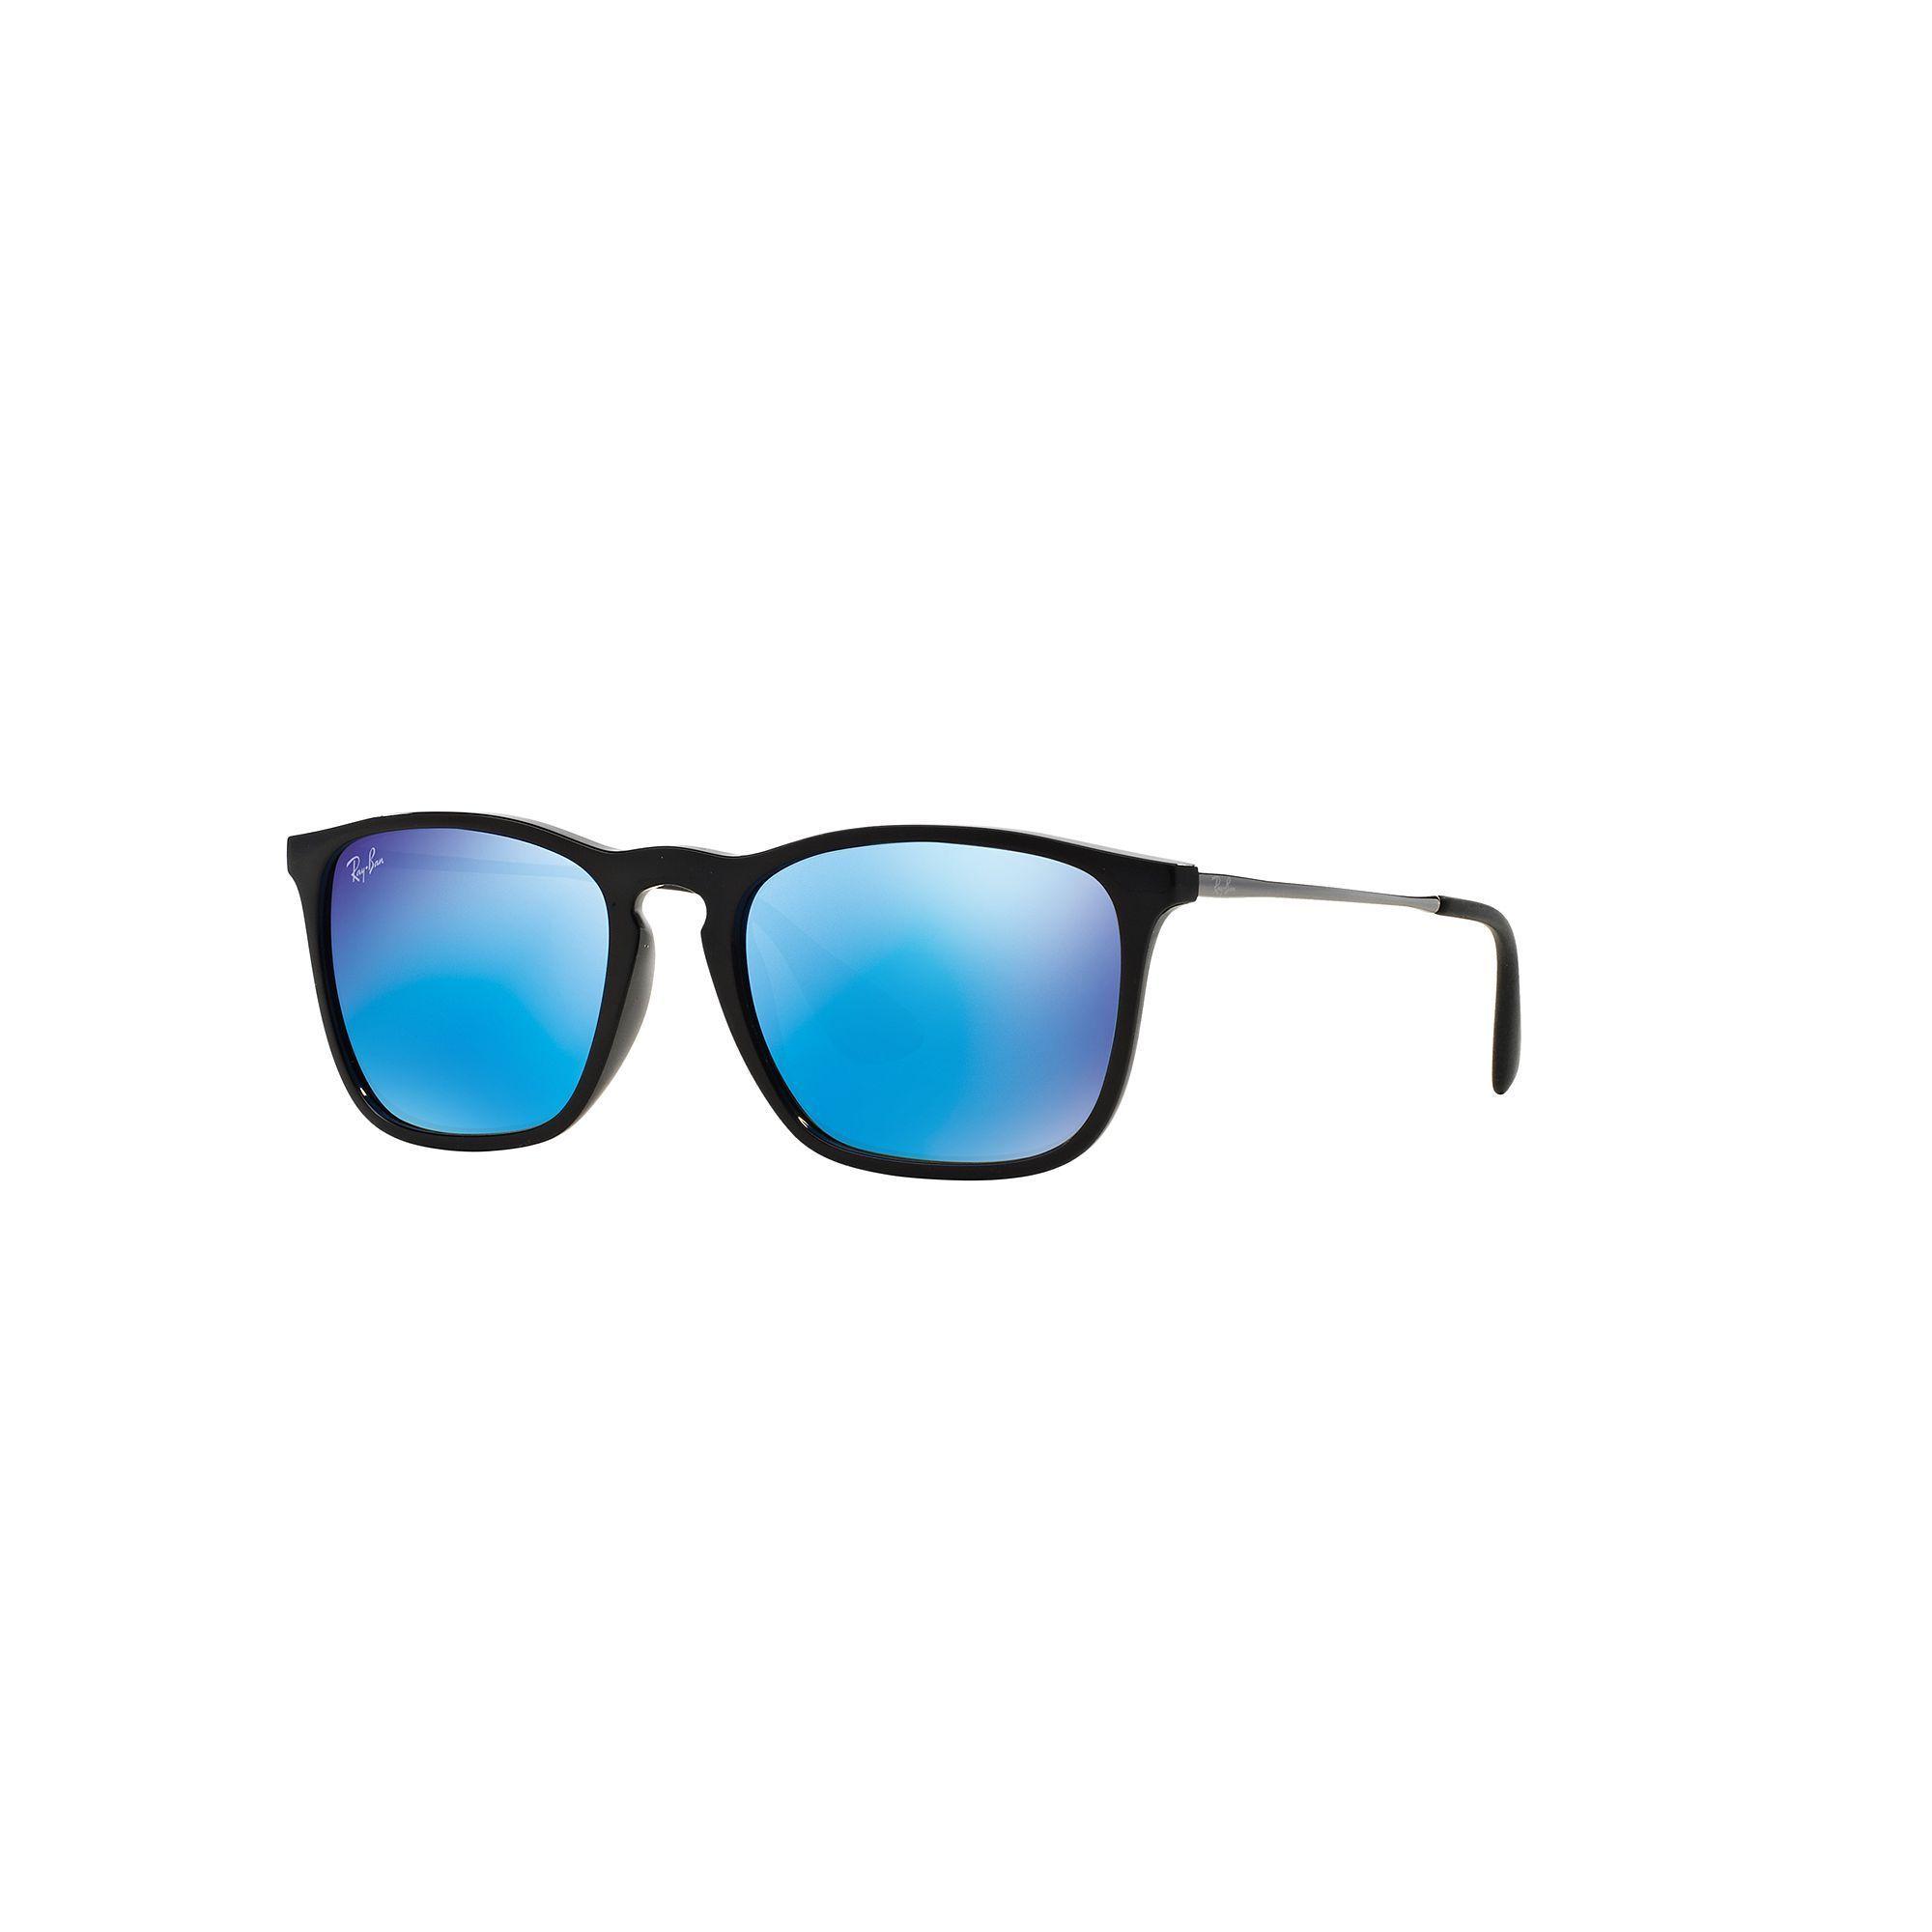 5ed9ddaea12 Ray-Ban Chris RB4187 54mm Square Mirror Sunglasses